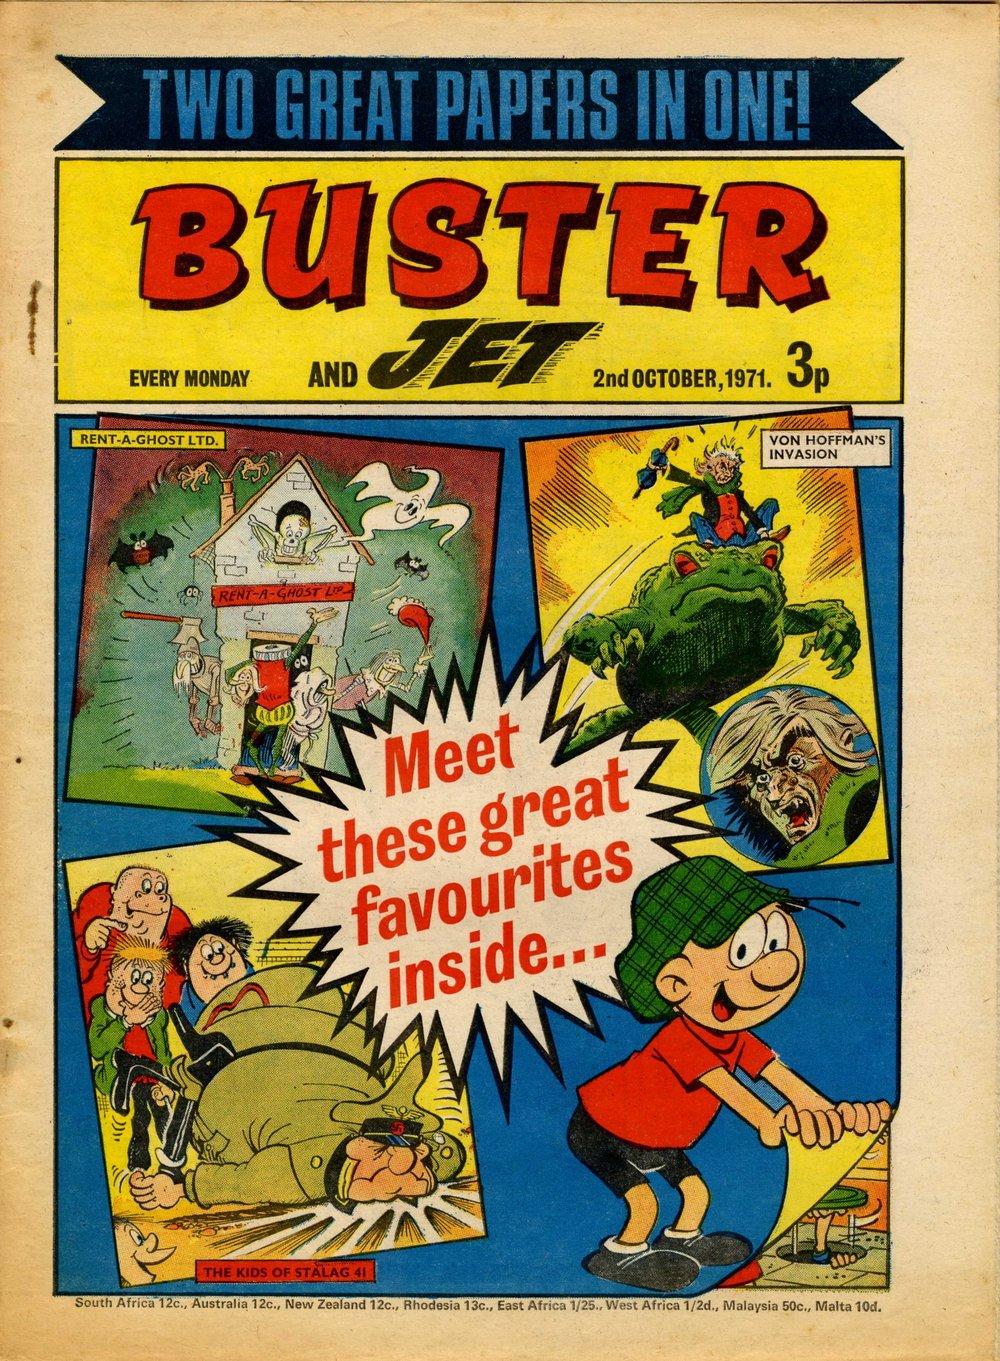 Buster 021071 001.jpg